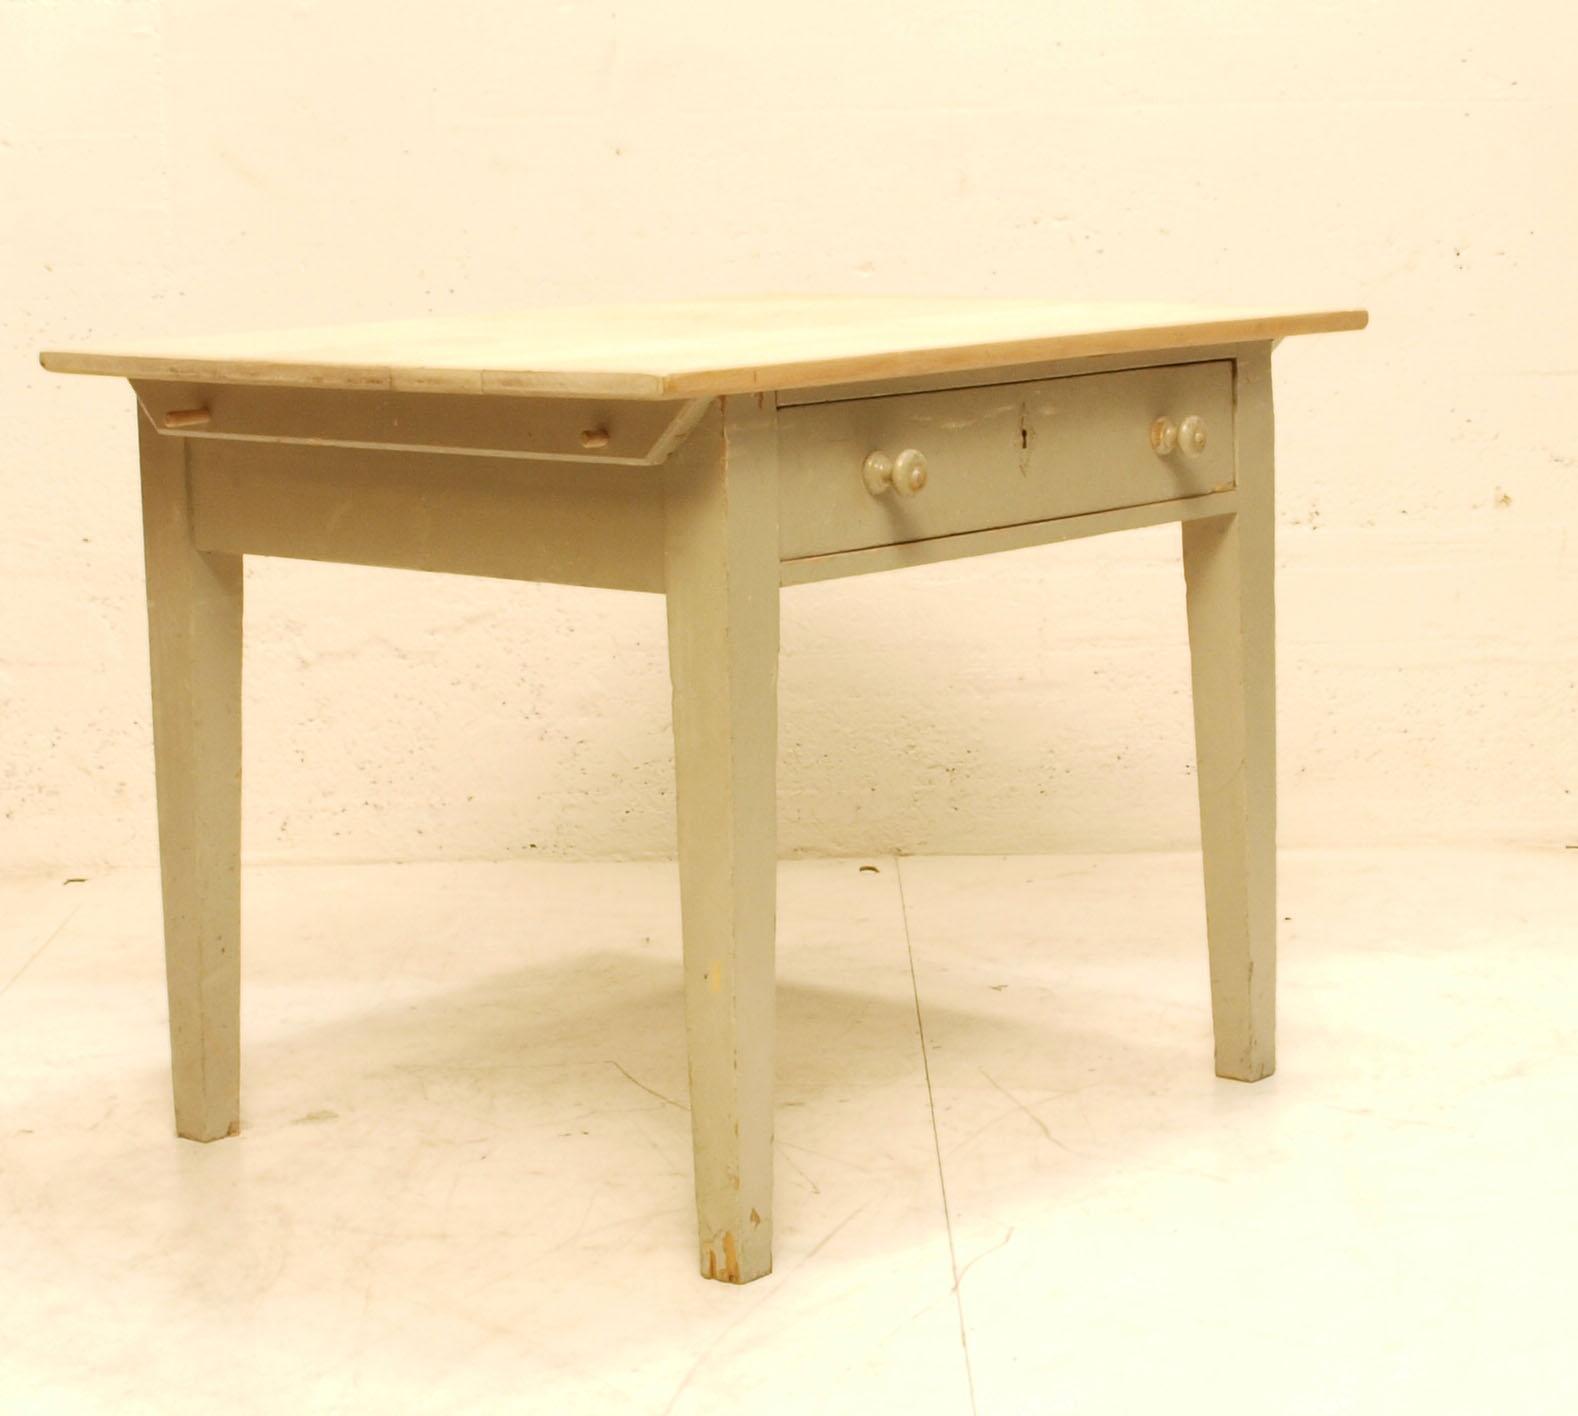 wundersch ner k chentisch mit ahornplatte m bel z rich vintagem bel. Black Bedroom Furniture Sets. Home Design Ideas